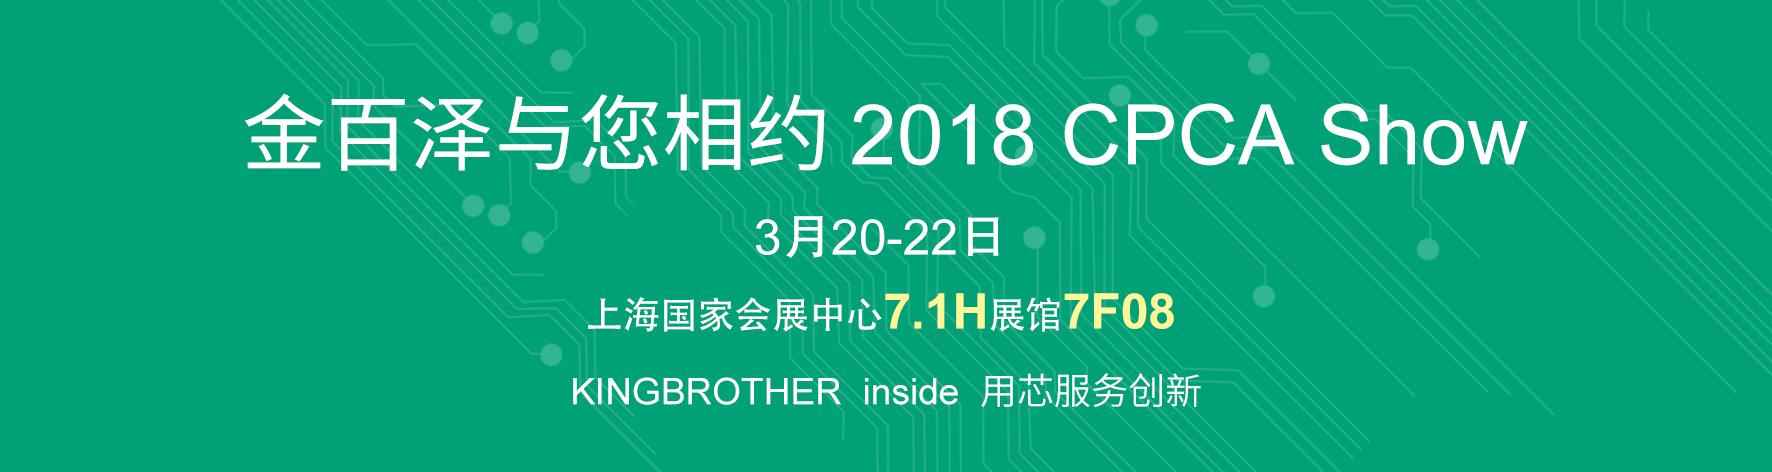 草长莺飞,金百泽与您相约在2018 CPCA Show